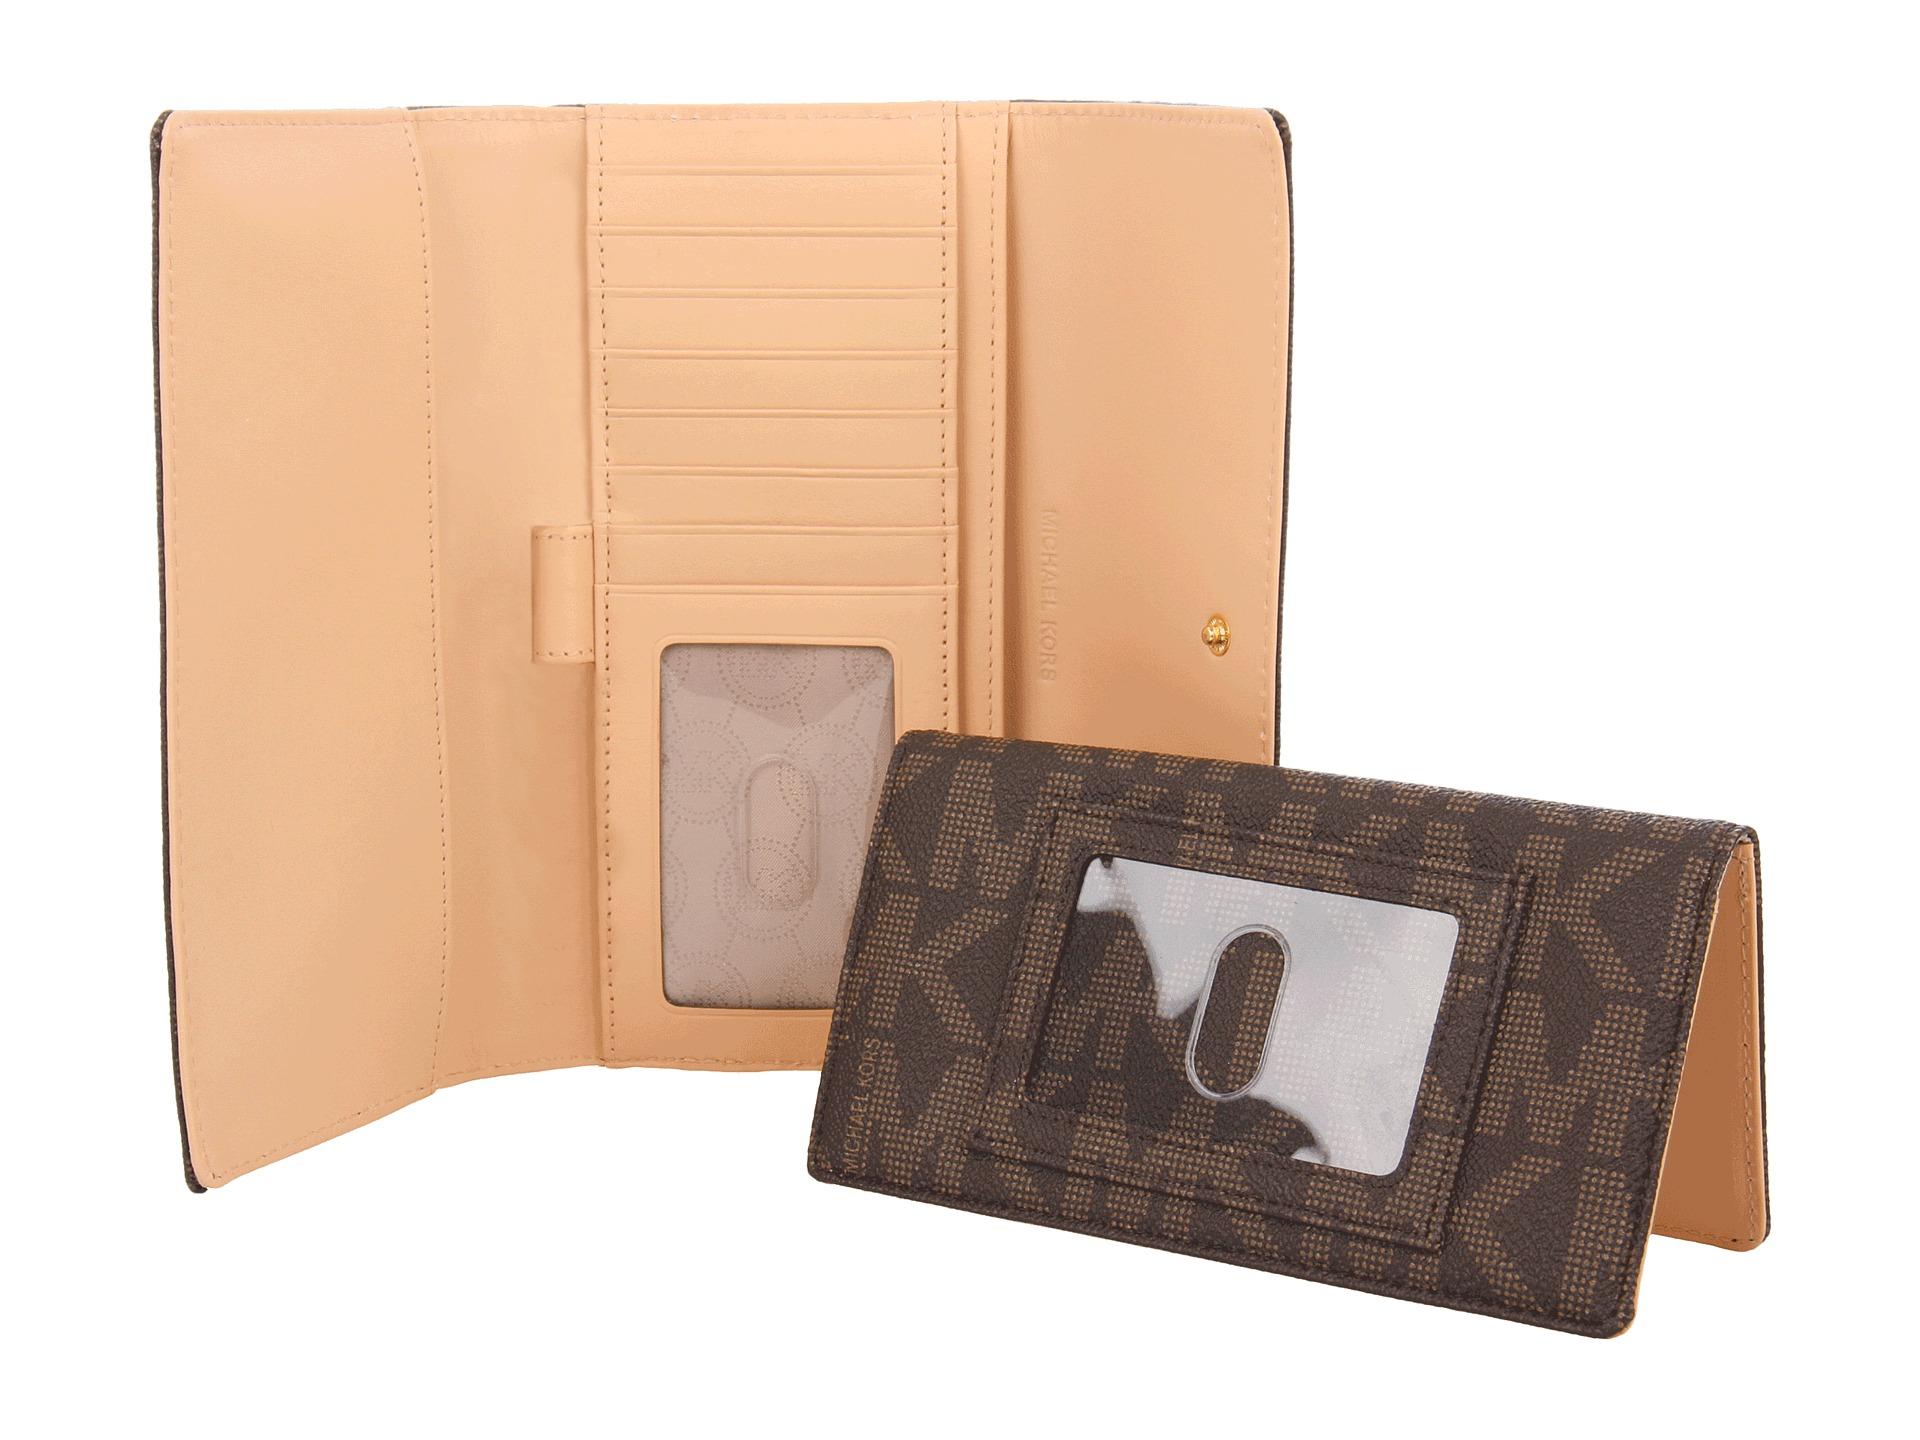 michael kors jet set checkbook wallet black best photo wallet rh justiceforkenny org